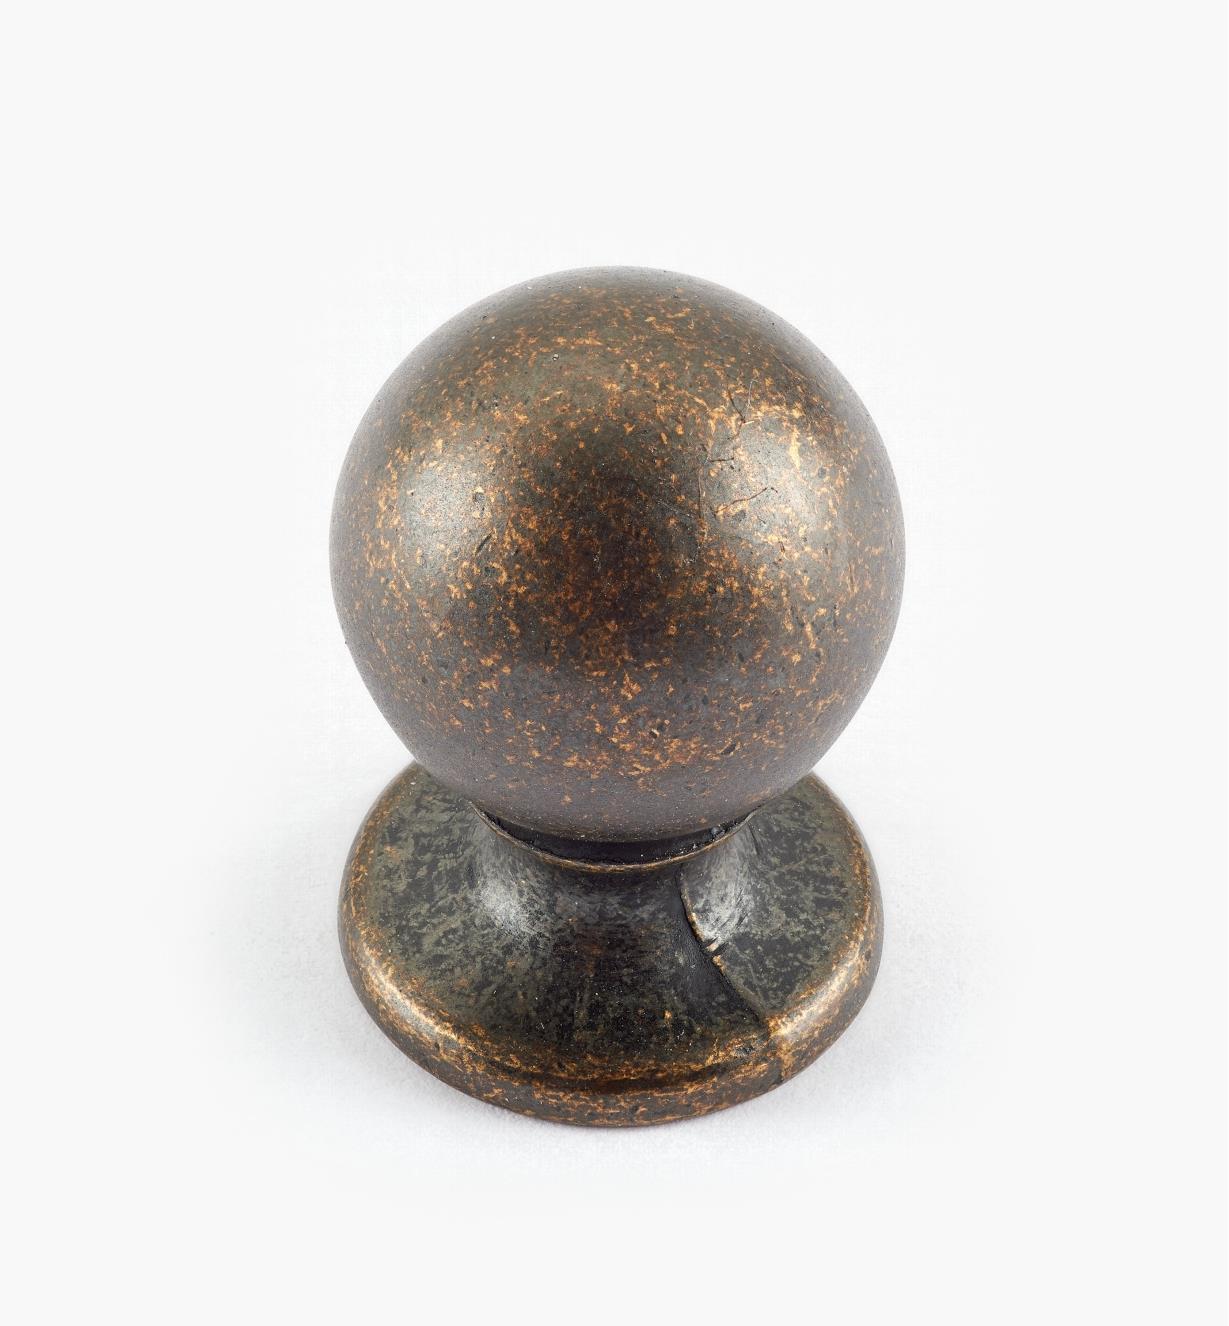 02W3021 - Bouton-boule Vintage de 3/4 po x 1 1/8 po, fini laiton antique